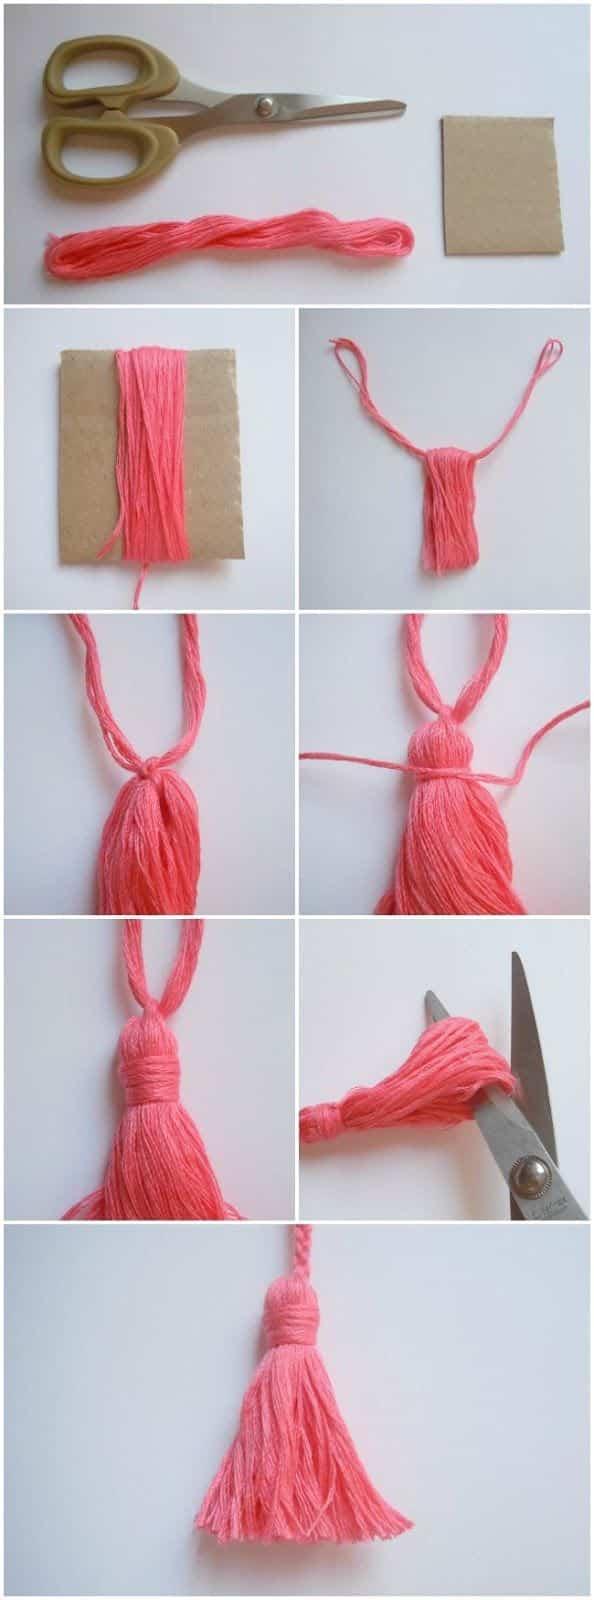 Borla de lana para hacer en casa paso a paso - Como hacer unas cortinas paso a paso ...